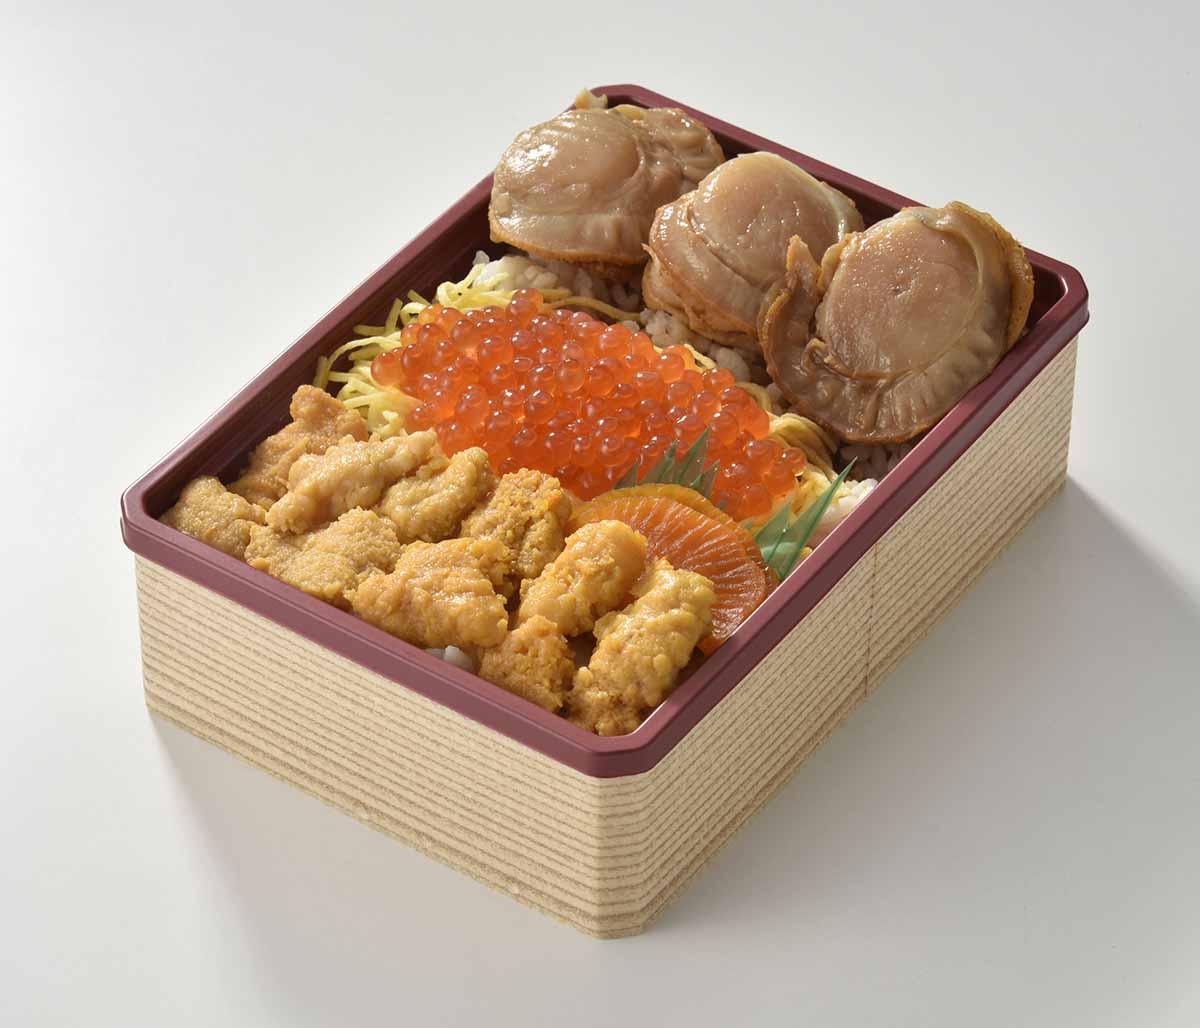 ウニ、イクラ、ホタテなどが入る「三浦屋」の「三陸弁当」(画像提供=名鉄百貨店)